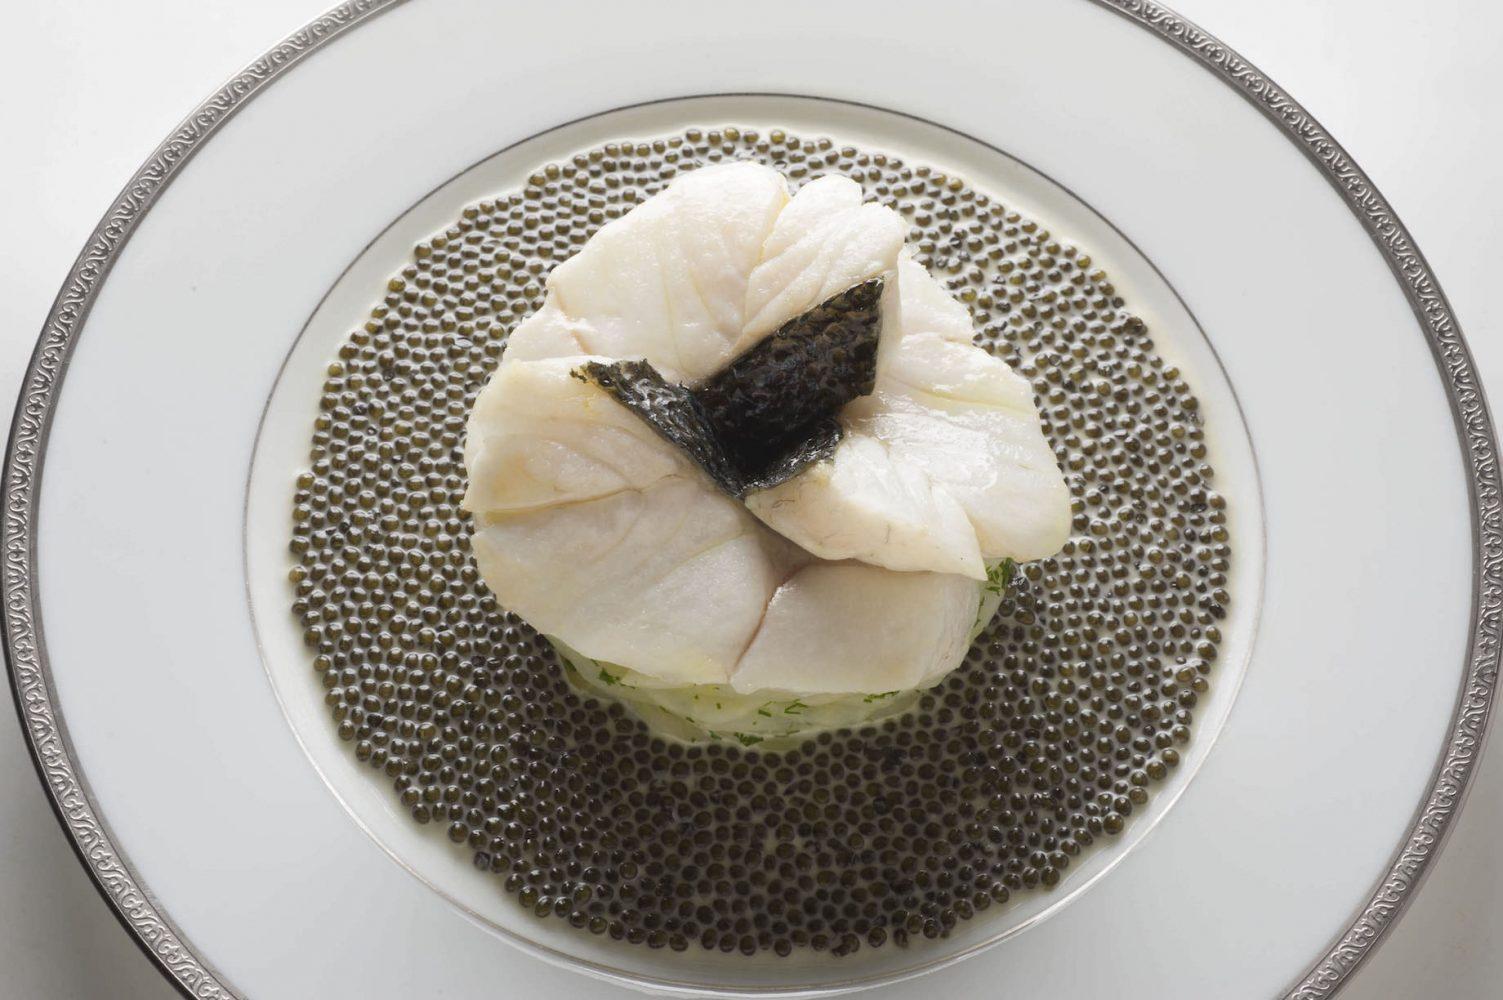 三ツ星レストラン「ランブロワジー」の美しい料理